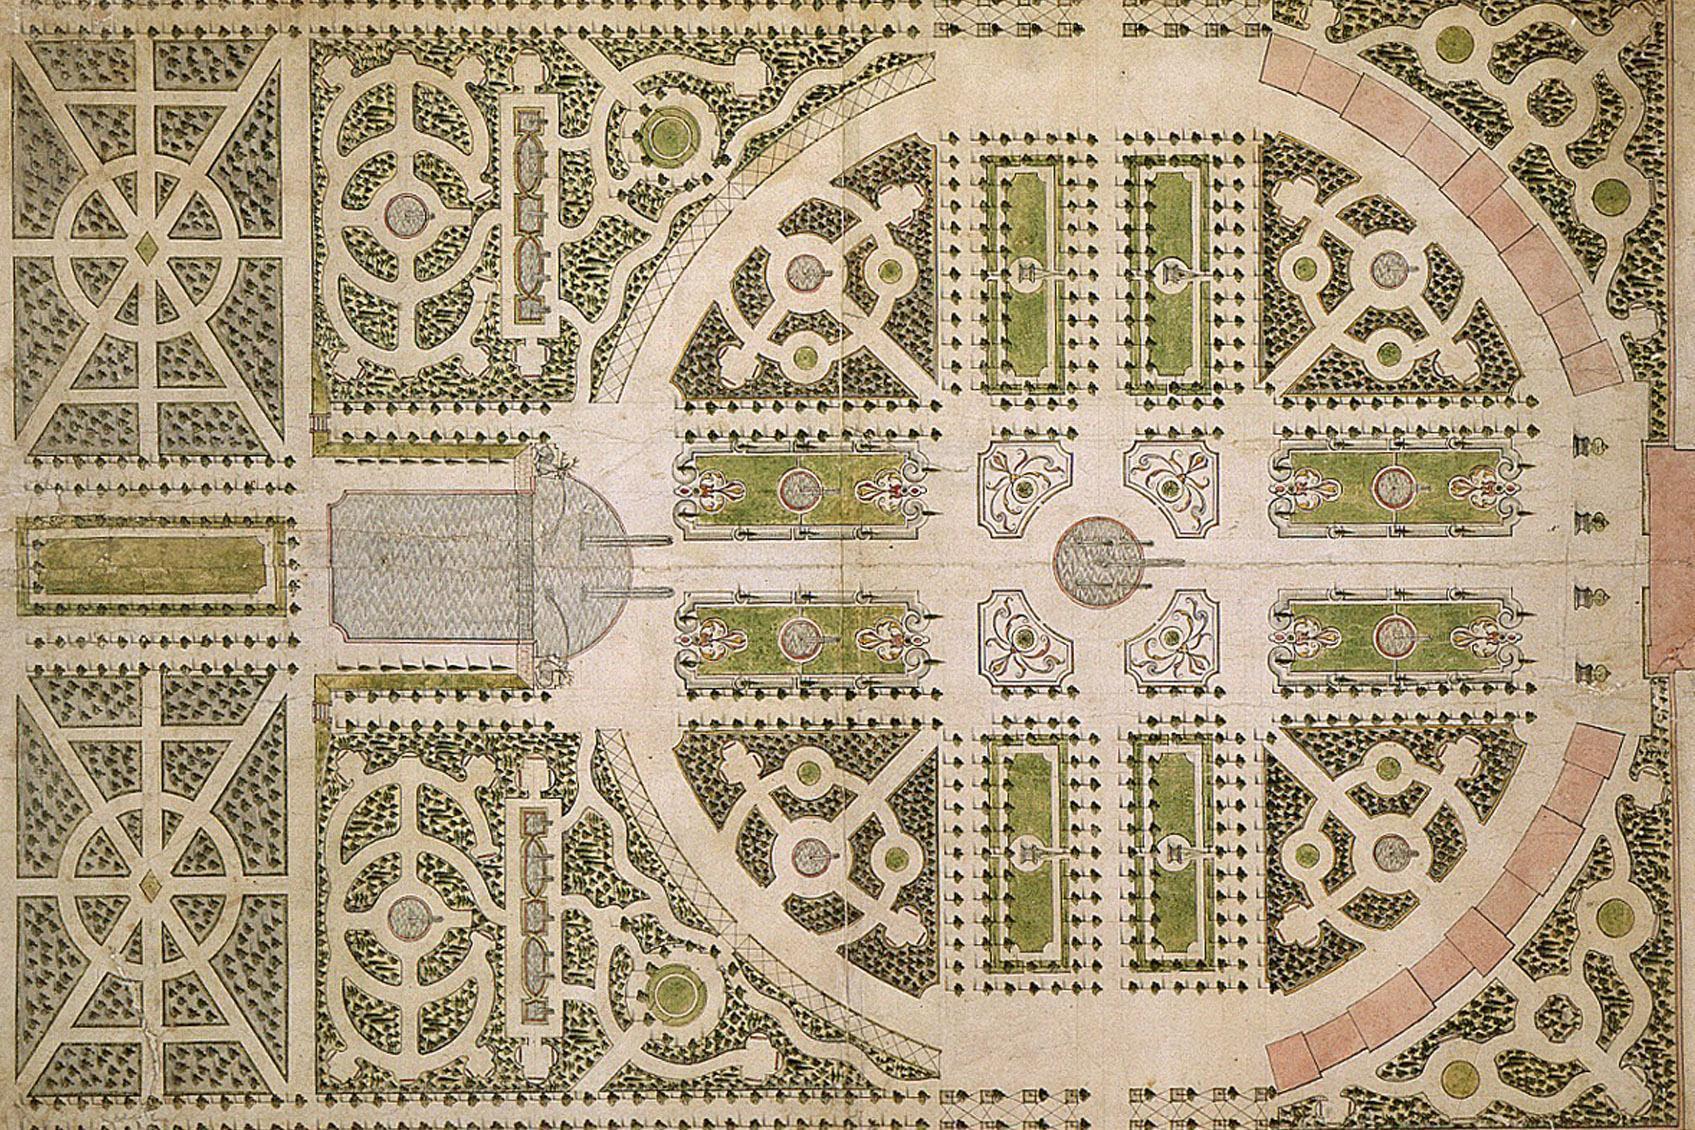 Historische Ansicht des Gartenplans von Hofgärtner Johann Ludwig Petri, 1753;  Foto: Staatliche Schlösser und Gärten Baden-Württemberg, Arnim Weischer